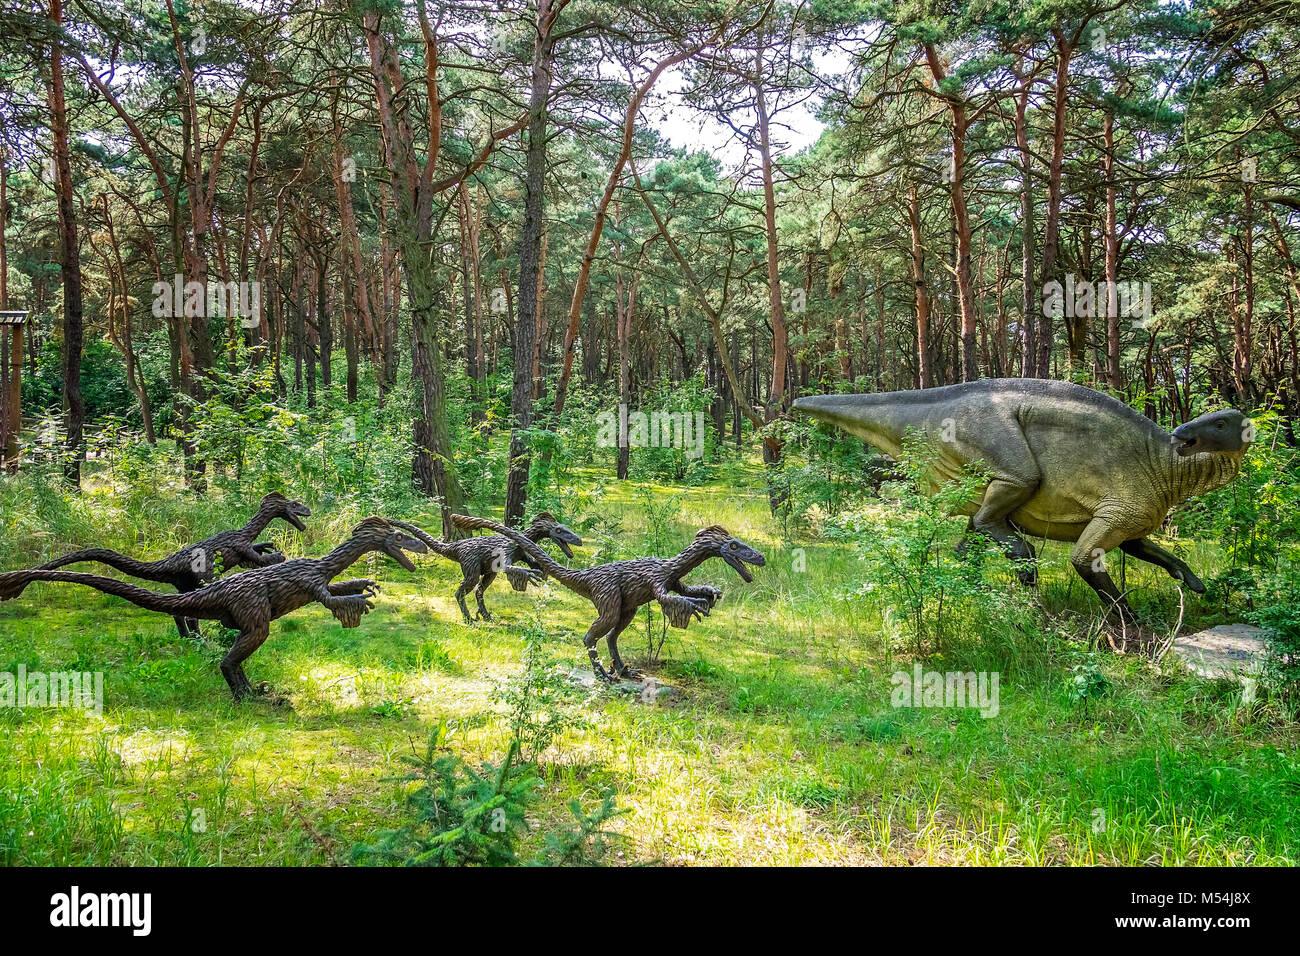 Raptors on a hunt - Stock Image